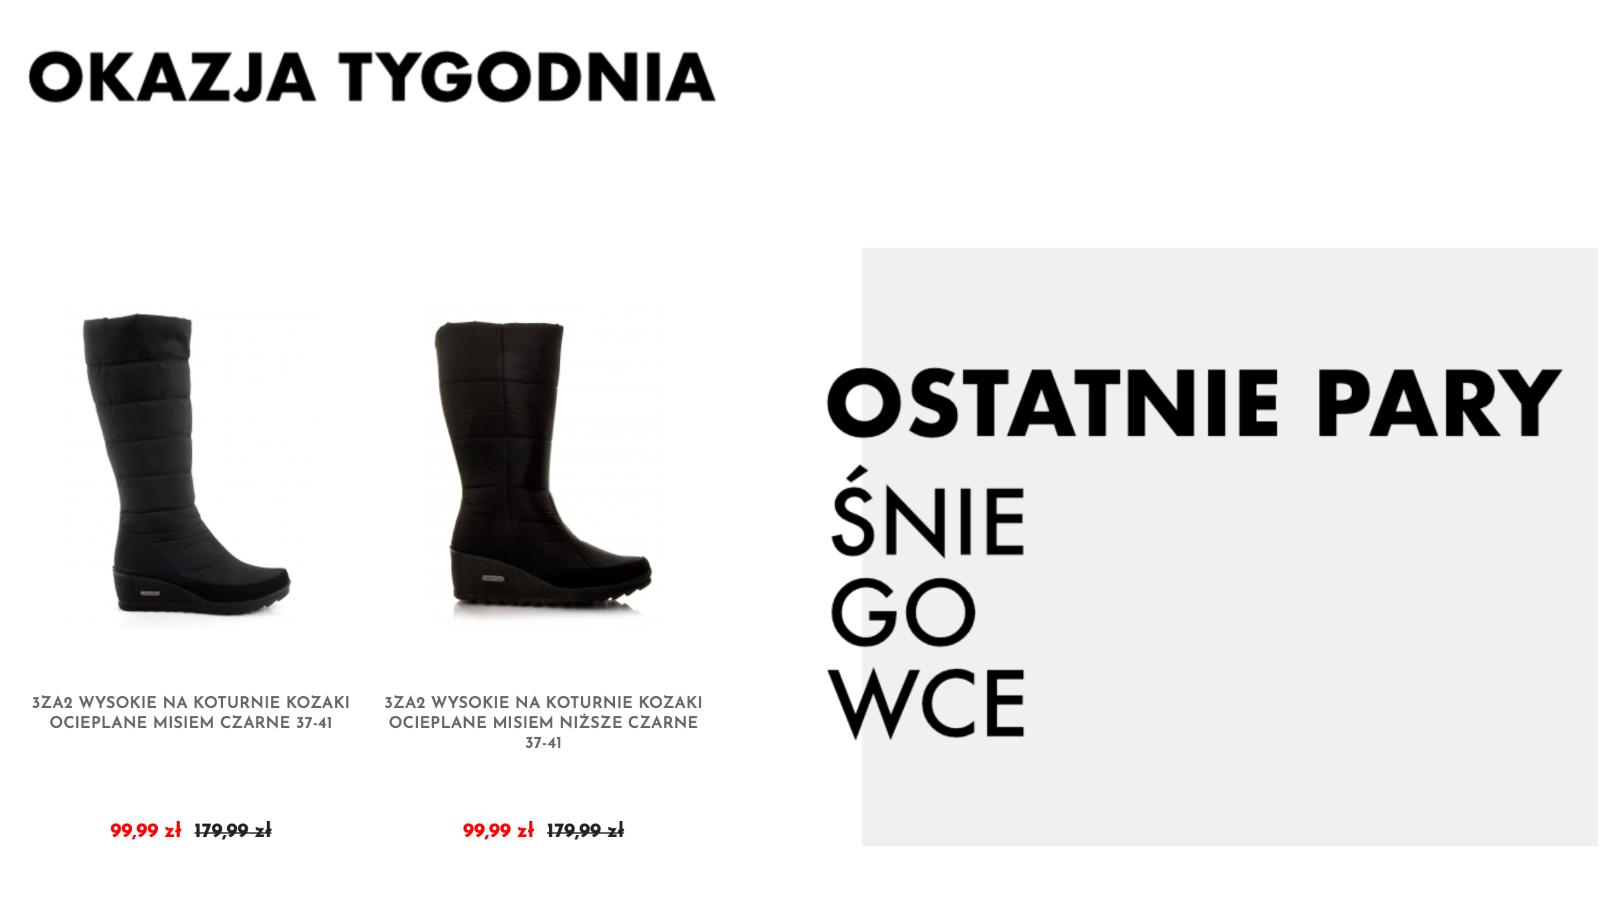 Polski producent obuwia   Polskie buty skórzane   Sklep z